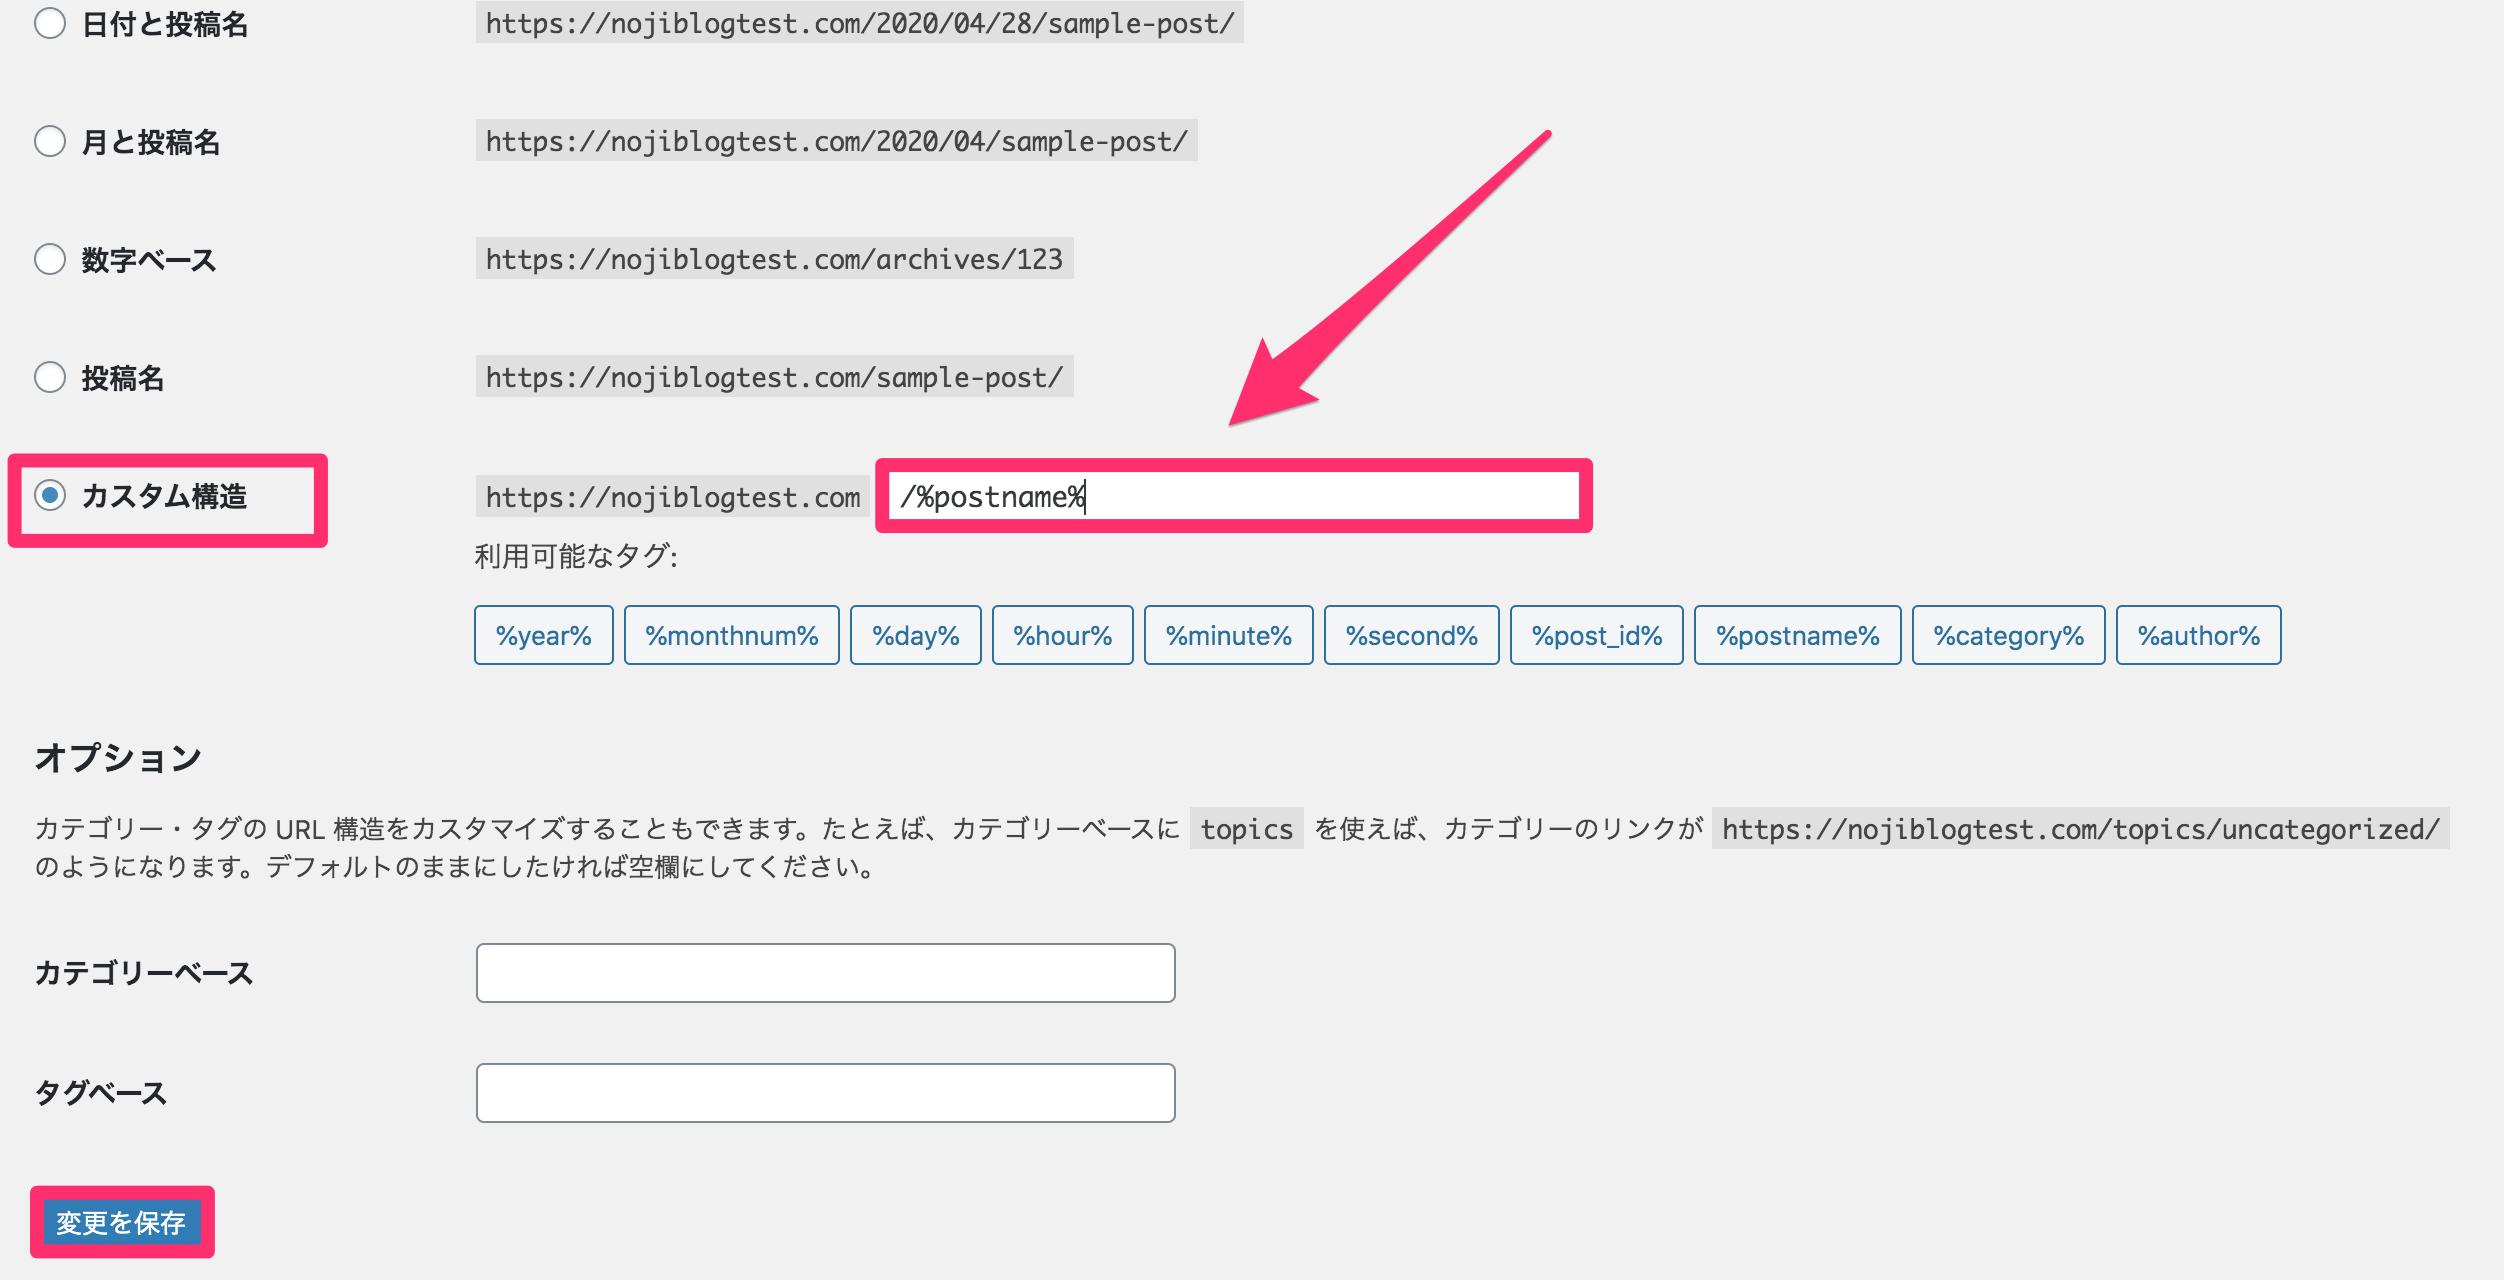 『カスタム構造』にチェックを入れ『/%postname%』と入力